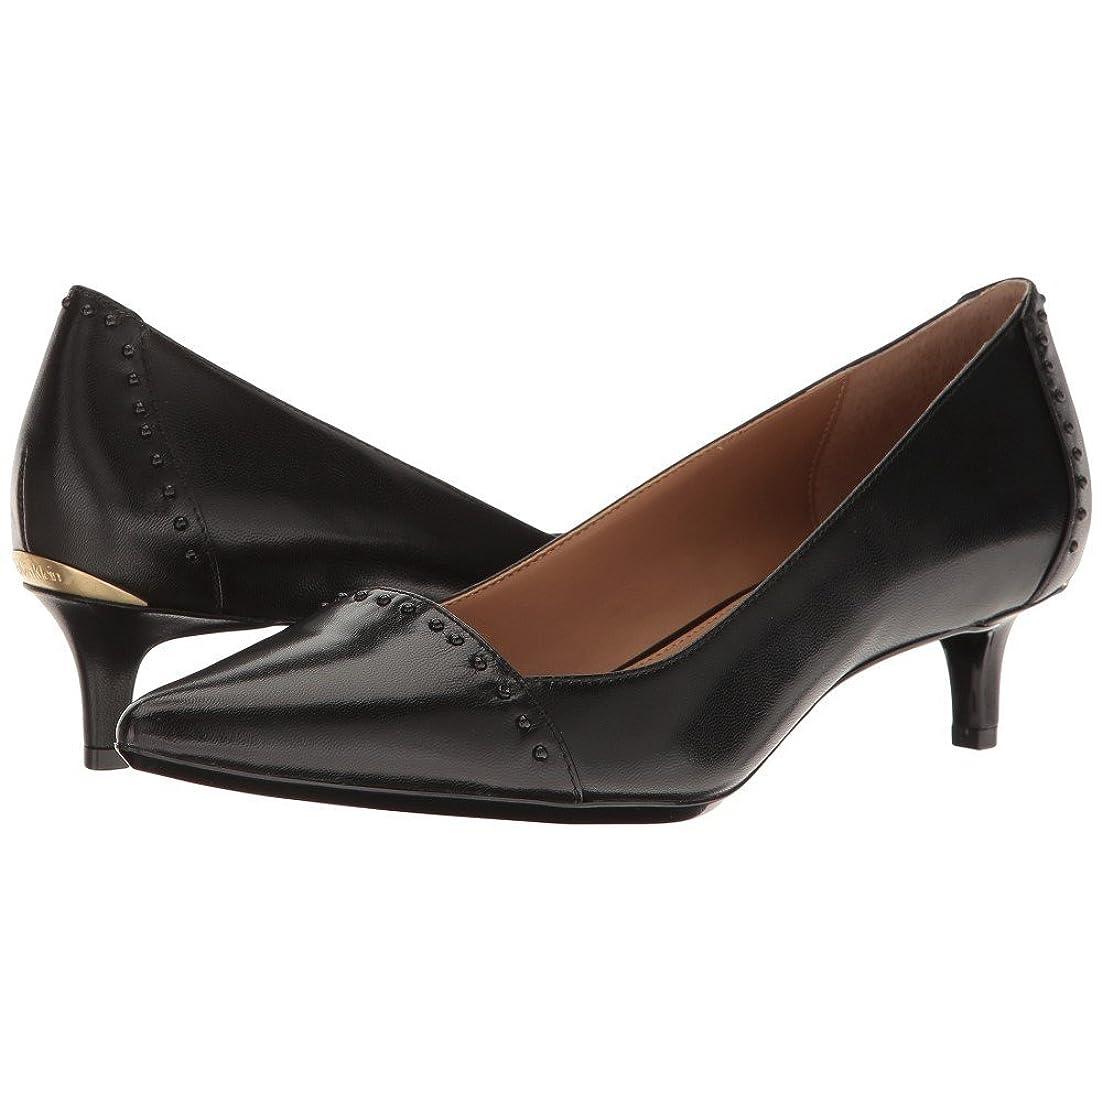 志す従者ログ(カルバンクライン) Calvin Klein レディース シューズ?靴 パンプス Griselda 並行輸入品